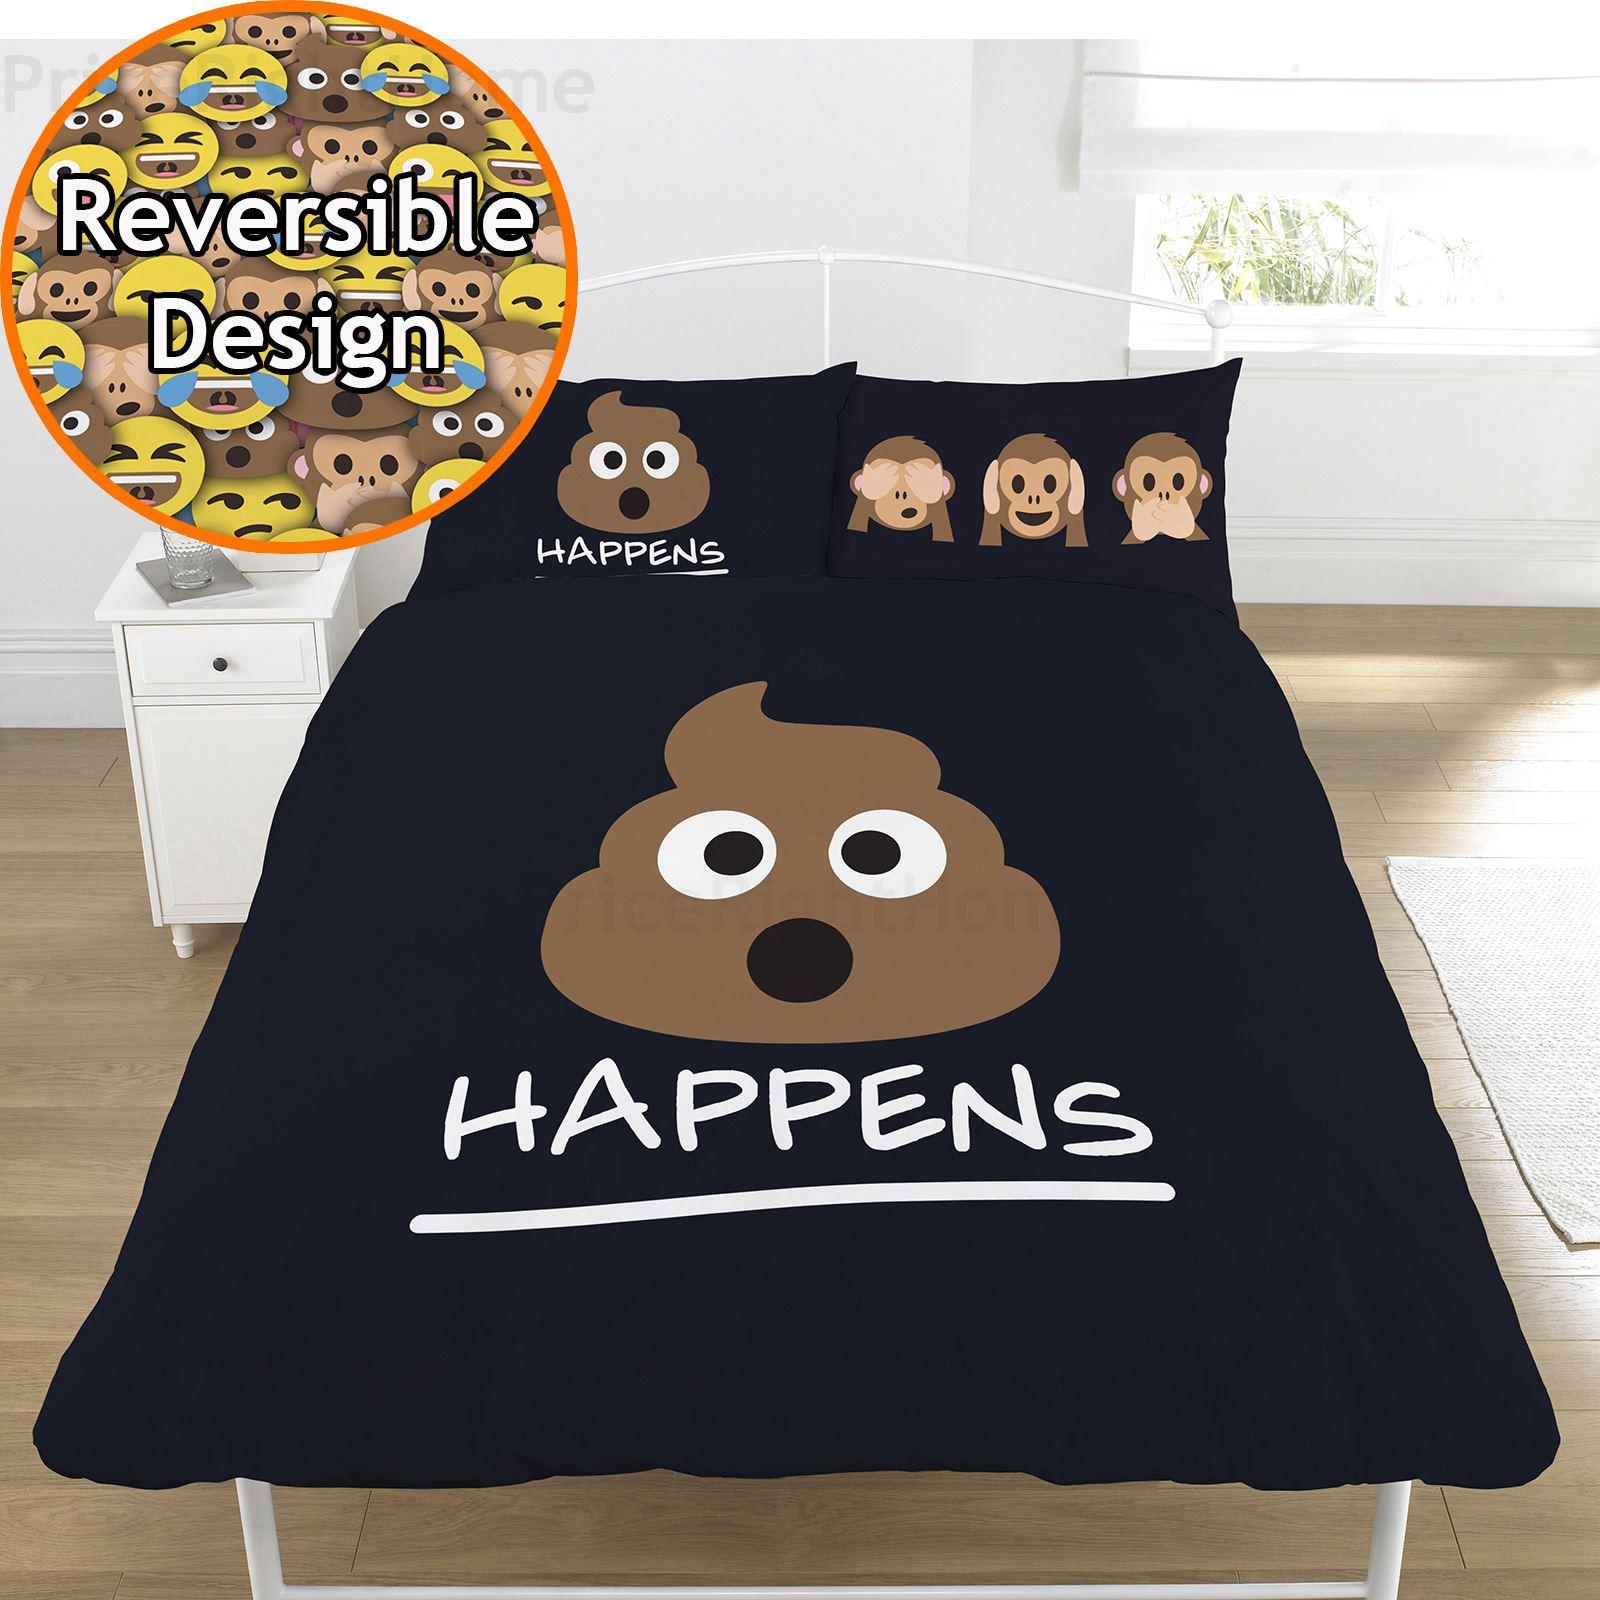 emoji bettbezug sets einzel doppel lustig smiley weihnachten bettw sche ebay. Black Bedroom Furniture Sets. Home Design Ideas